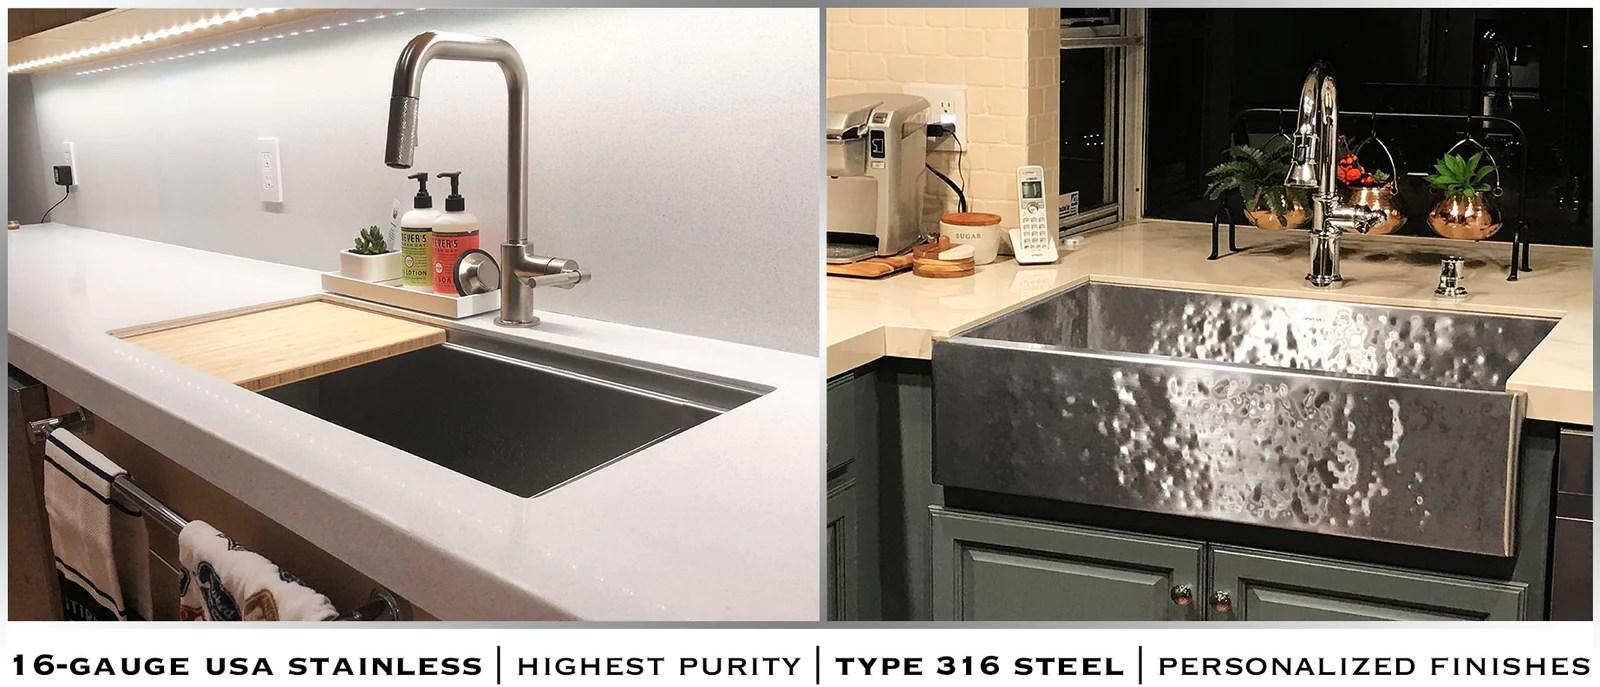 undermount stainless steel sinks usa